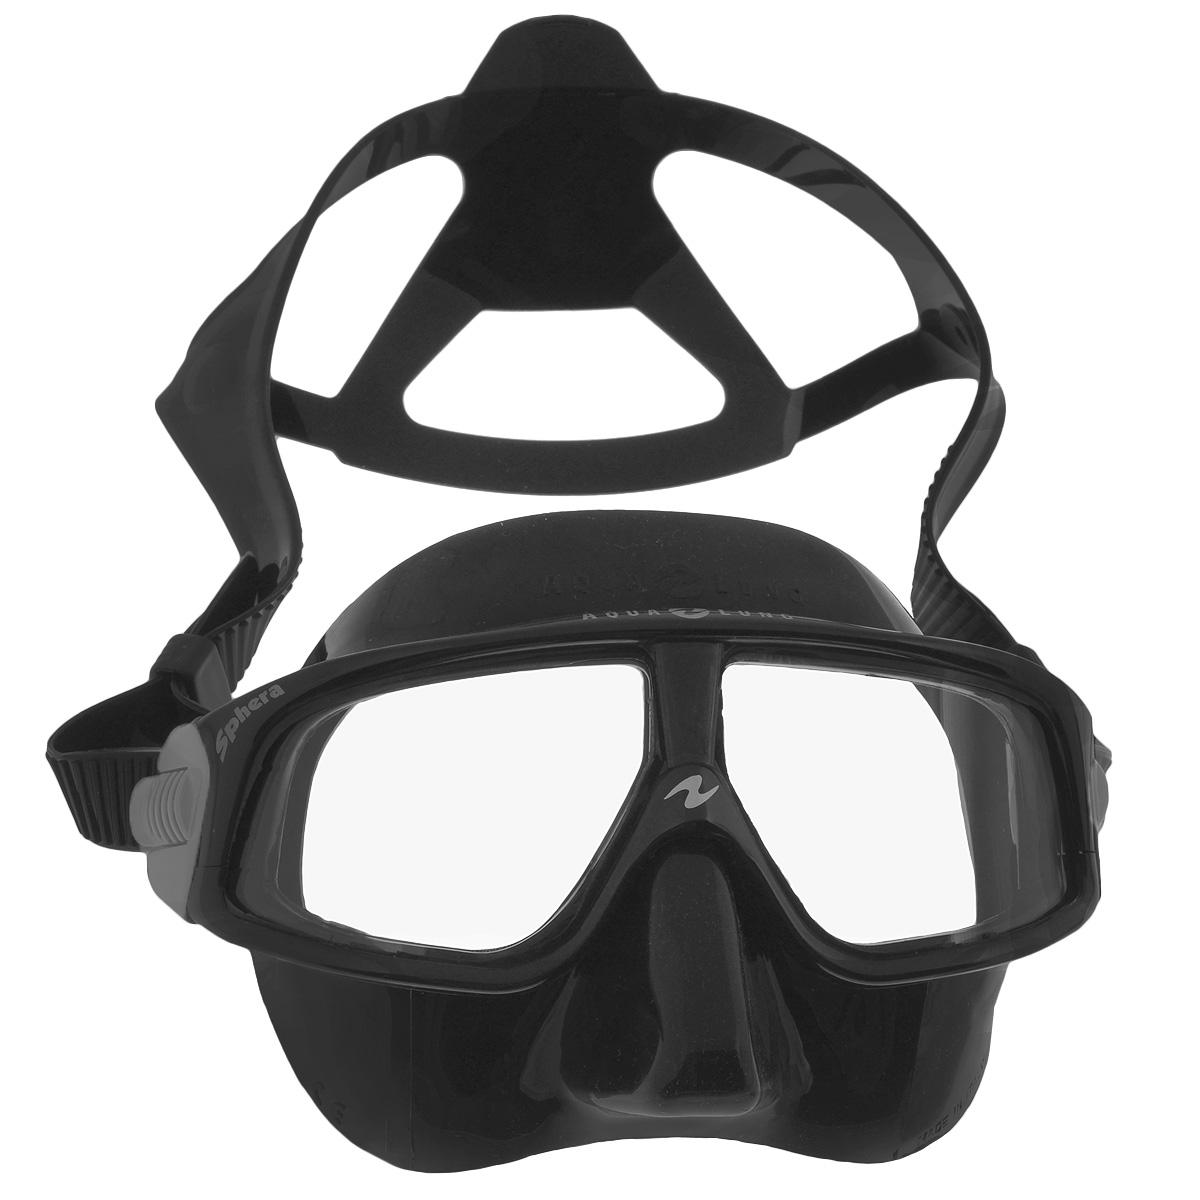 Маска для плавания Aqua Lung, цвет: черныйM0461 03 0 08WМаска для плавания Aqua Lung сочетает в себе уникальные свойства в результате применения особых материалов и технологий. Новый материал Plexisol позволил создать линзы, не дающие искажений пропорций и размеров объектов под водой, и обеспечивающие максимальный обзор в 180°. Особенности маски: Plexisol в 10 раз легче воды и при этом очень прочен, поэтому эта маска самая легкая в мире (98 г); Линзы изготовлены из плексисола, обеспечивающего видимость реального расстояния под водой;Внешняя сторона линз имеет защитное покрытие от царапин, а внутренняя обработана антизапотевателем;Обзор 180° без каких-либо искажений;Самое маленькое подмасочное пространство среди имеющихся на рынке масок;Малый вес - 98 г, (вес средней маски - 200 г);Анатомический фланец, изготовленный из гипоаллергенного медицинского силикона;Быстро регулируемые пряжки. Материал: силикон, plexisol.